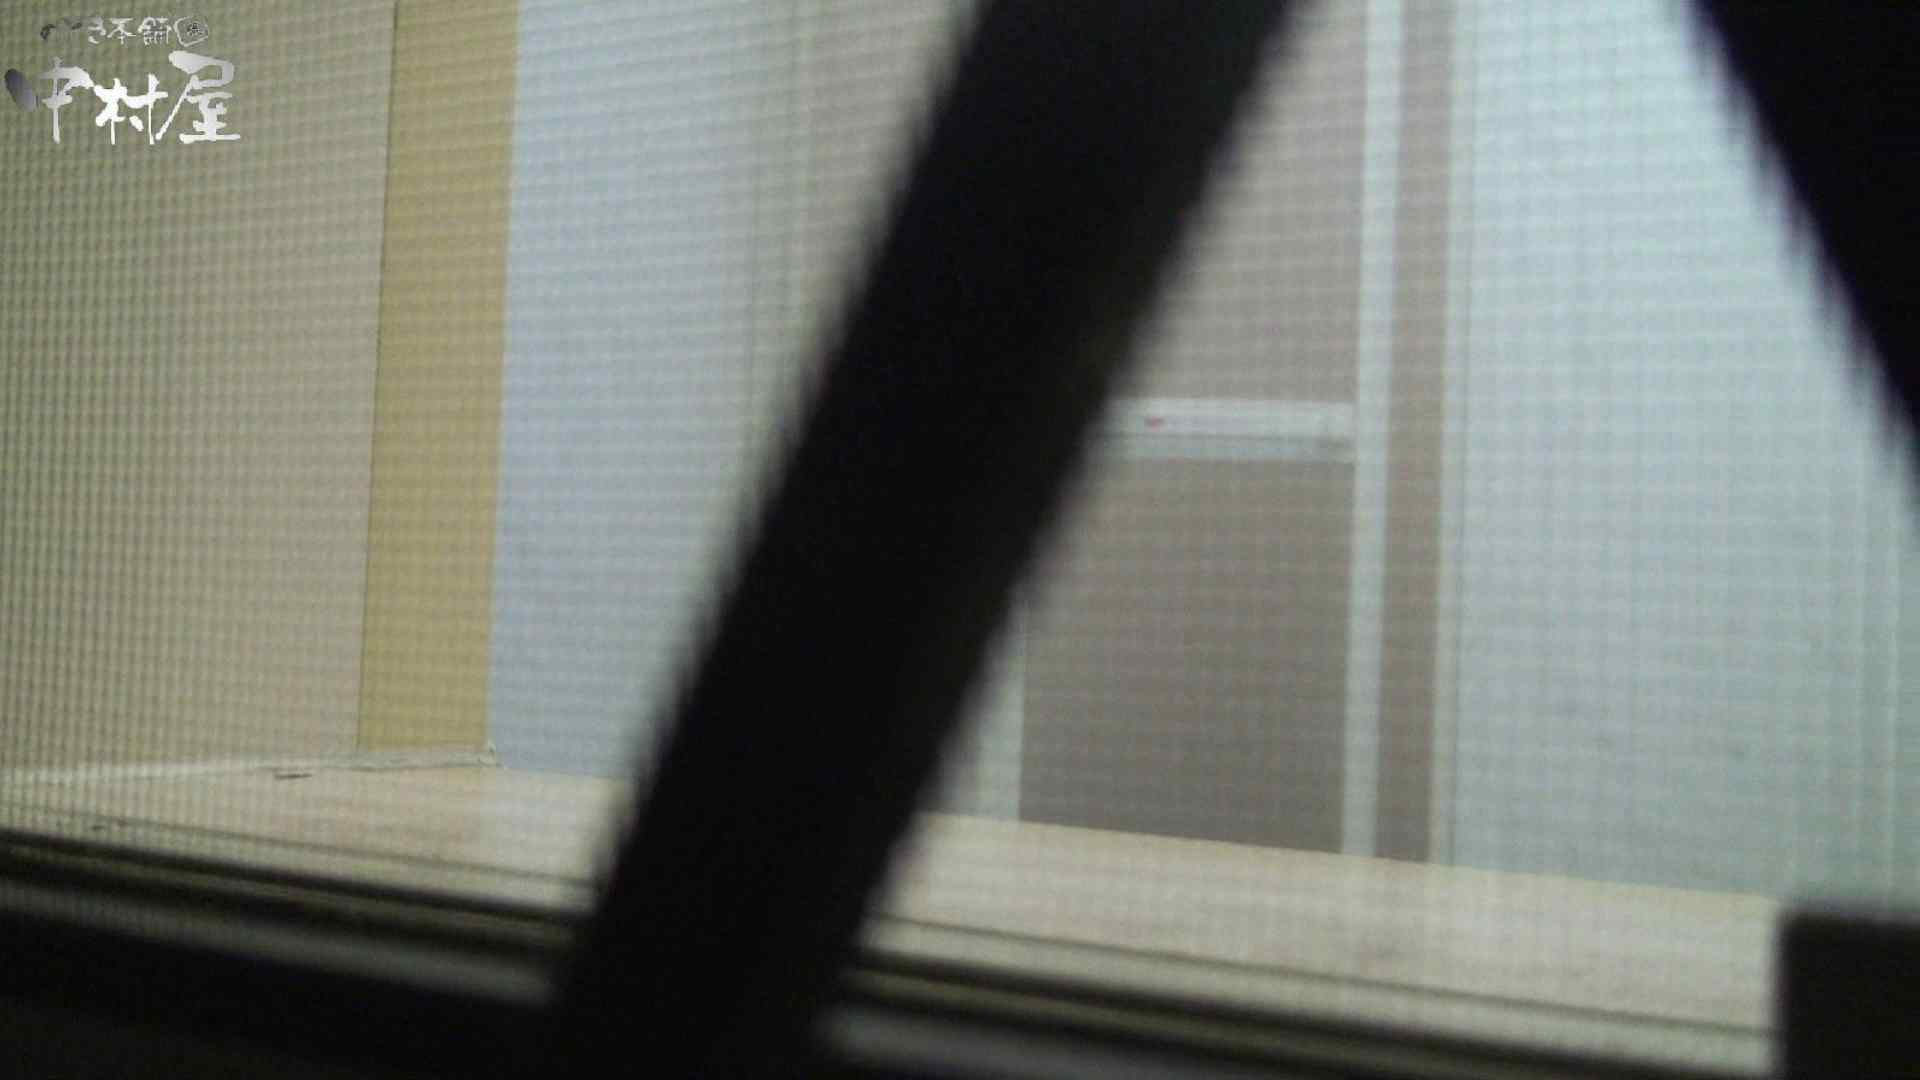 民家風呂専門盗撮師の超危険映像 vol.027 お色気美女 | お色気美少女  112枚 7